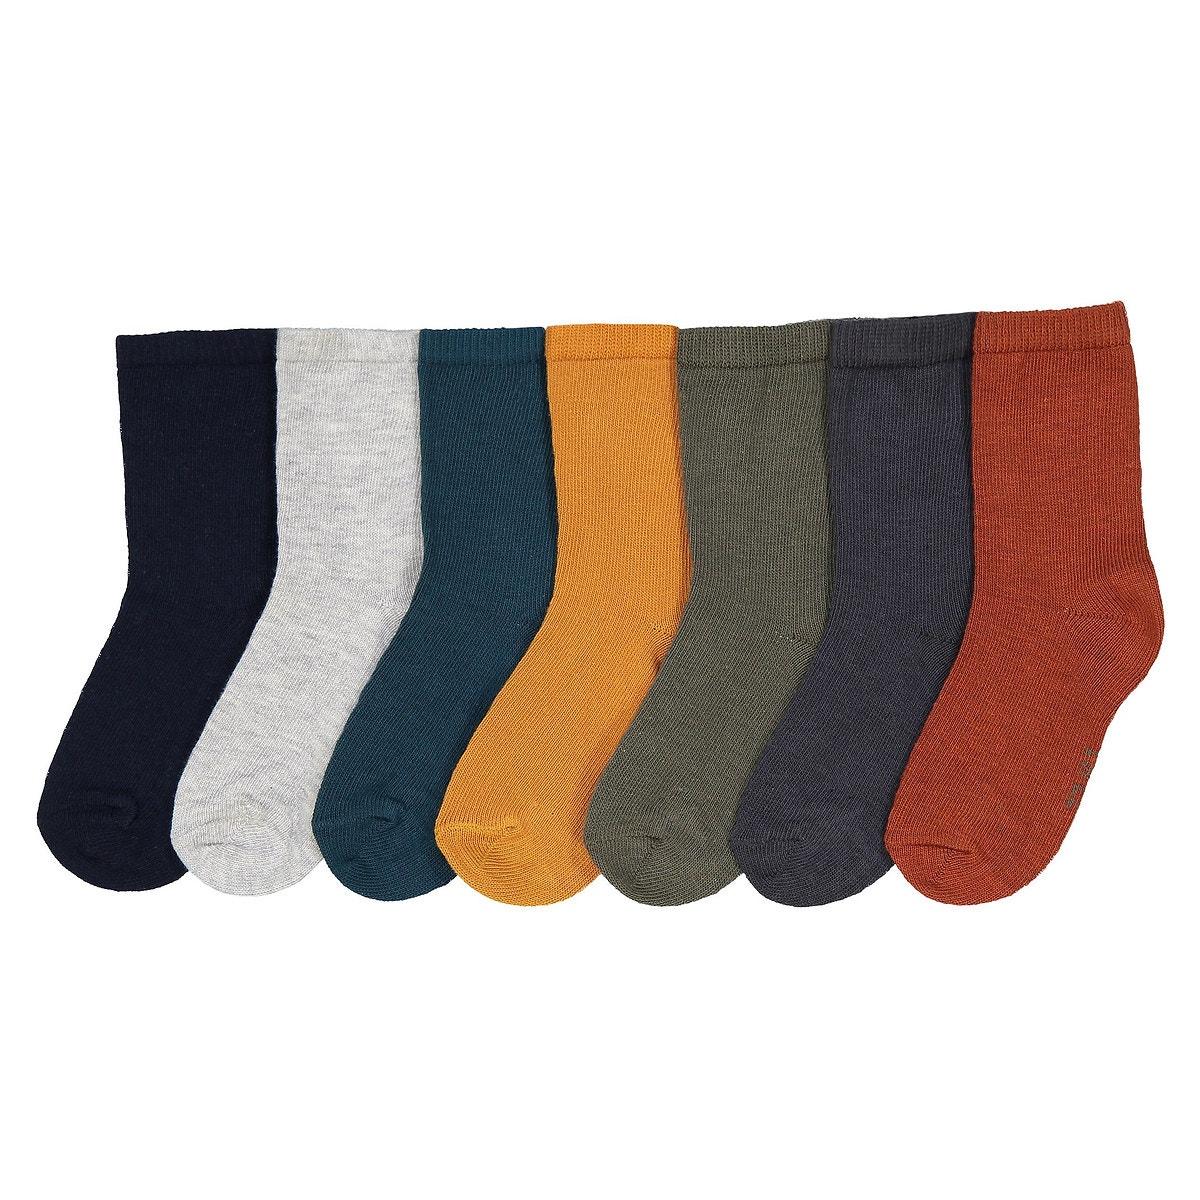 Σετ 7 ζευγάρια μονόχρωμες κάλτσες, 15 18 - 23 26 παιδι   βρεφικά   παπούτσια   κάλτσες   καλσόν